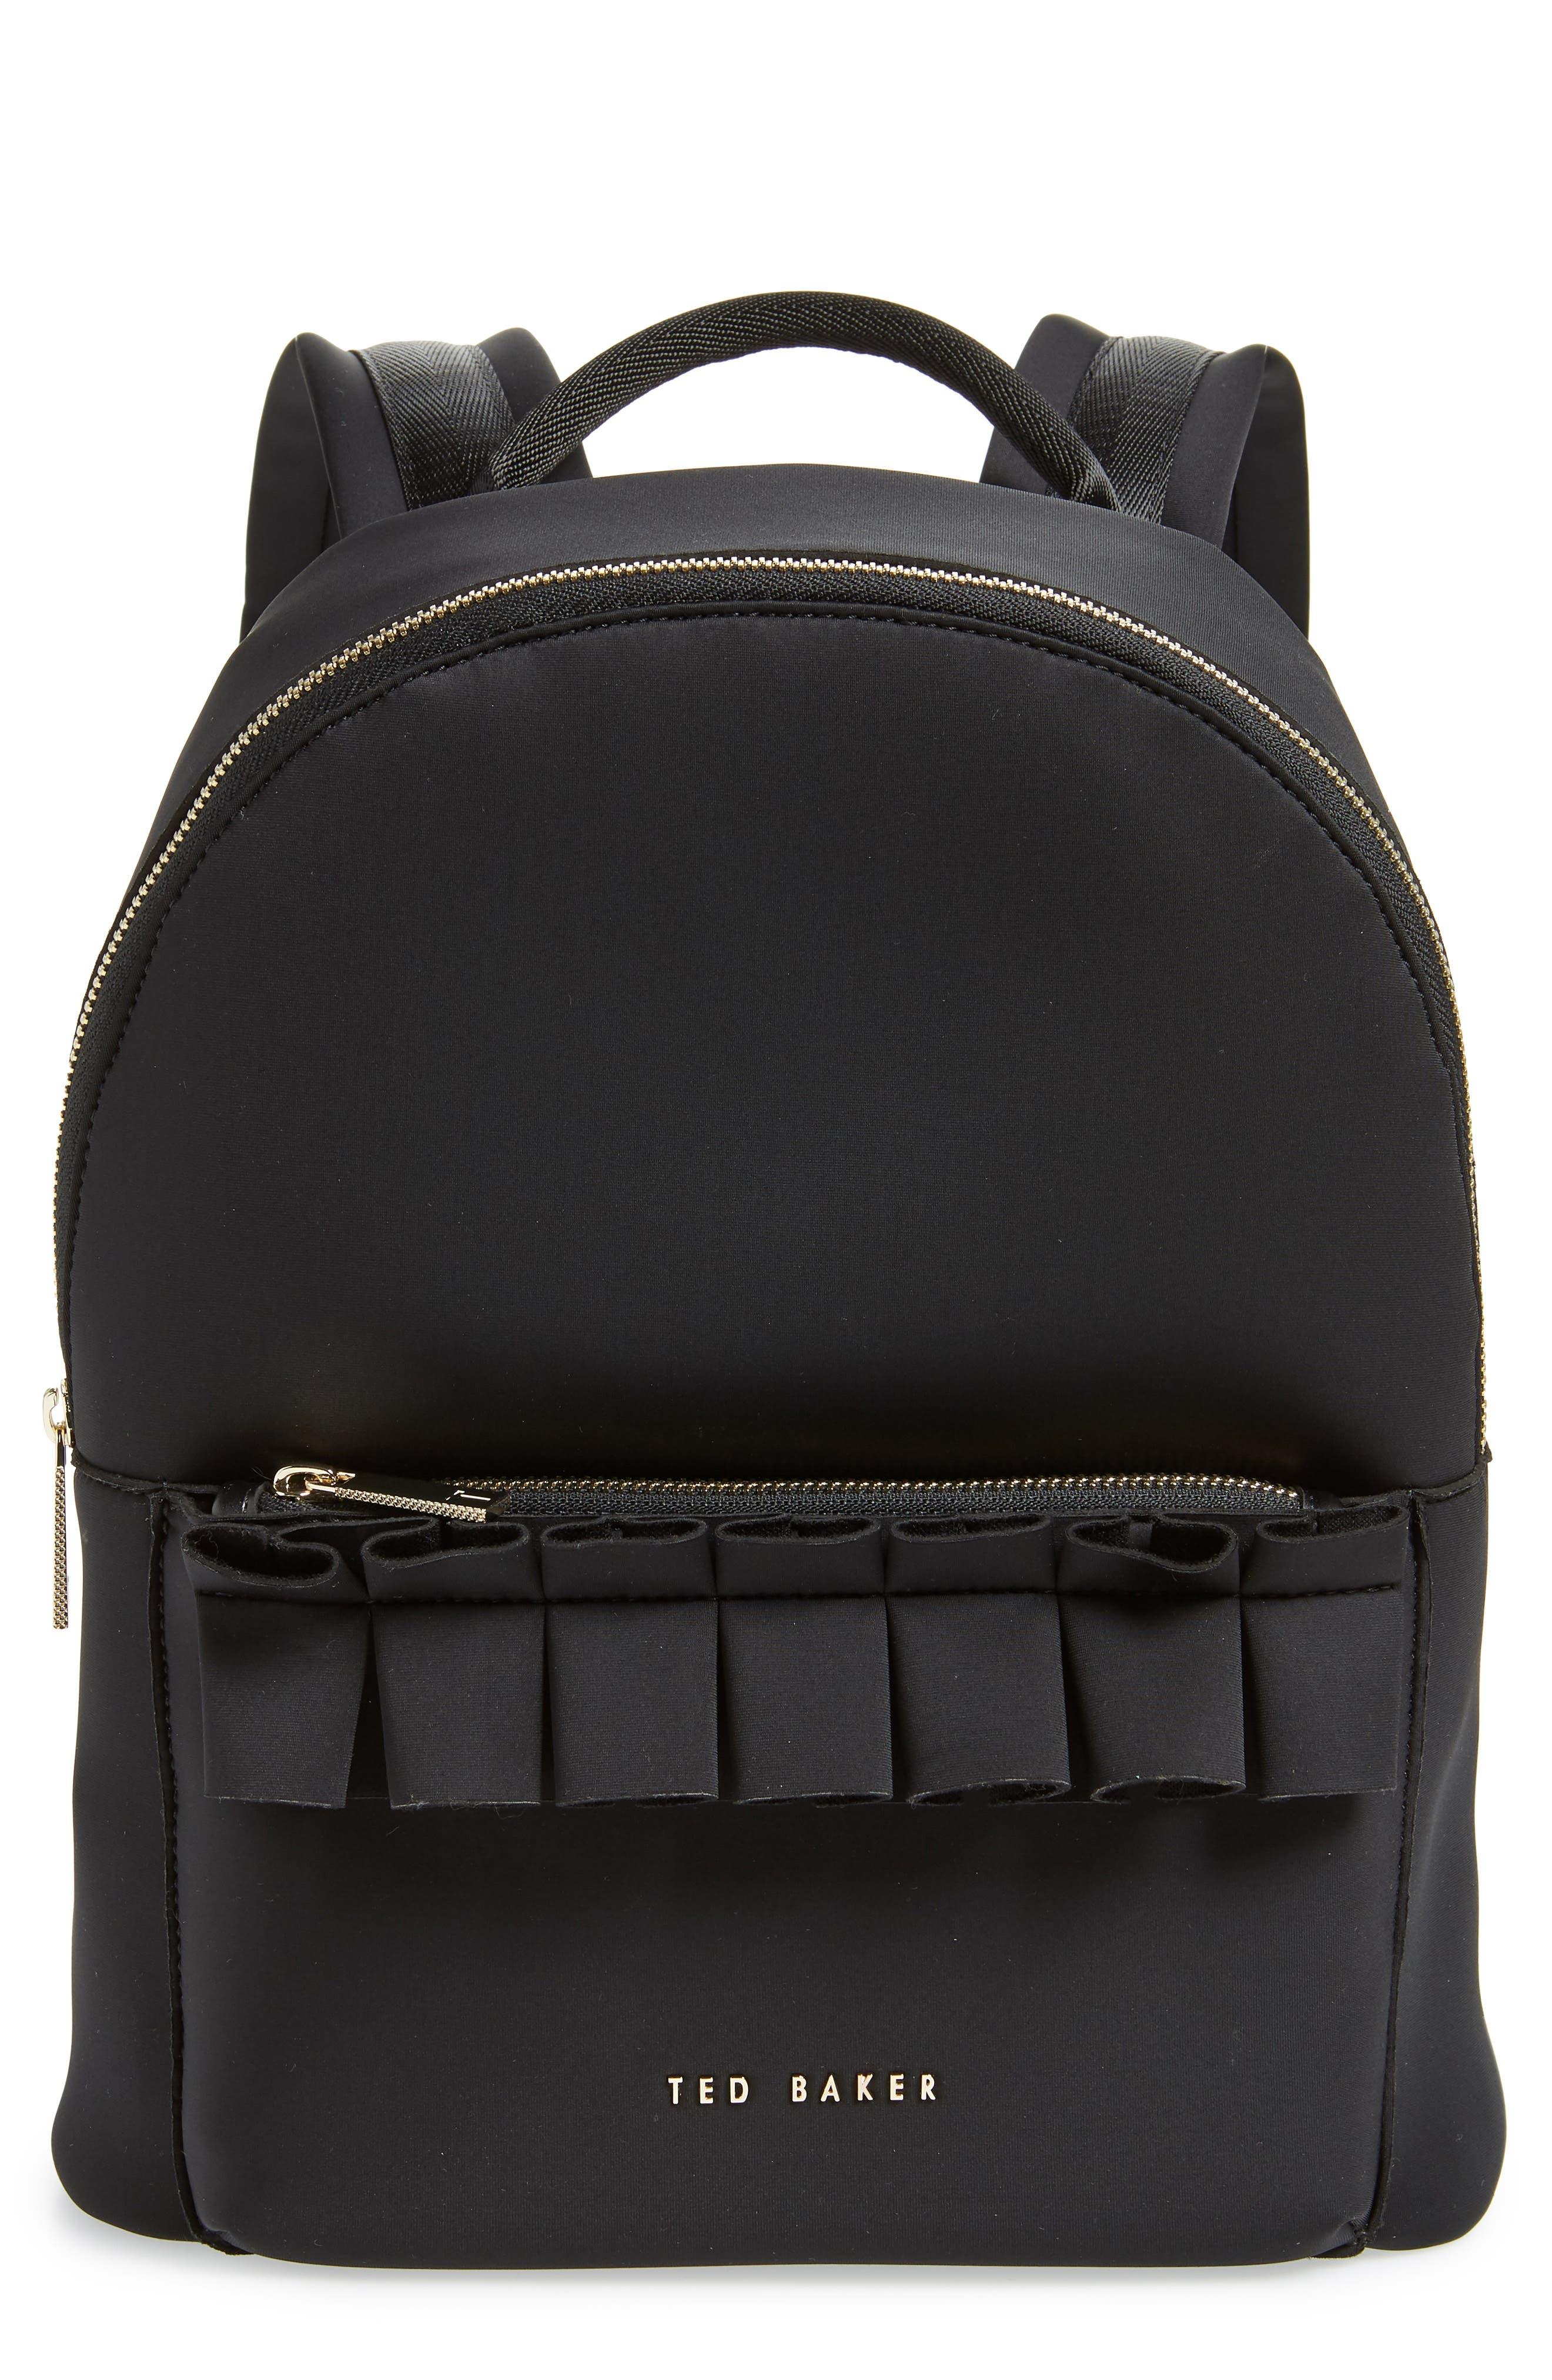 19a9bb598 Women s Ted Baker London Sale Handbags   Wallets